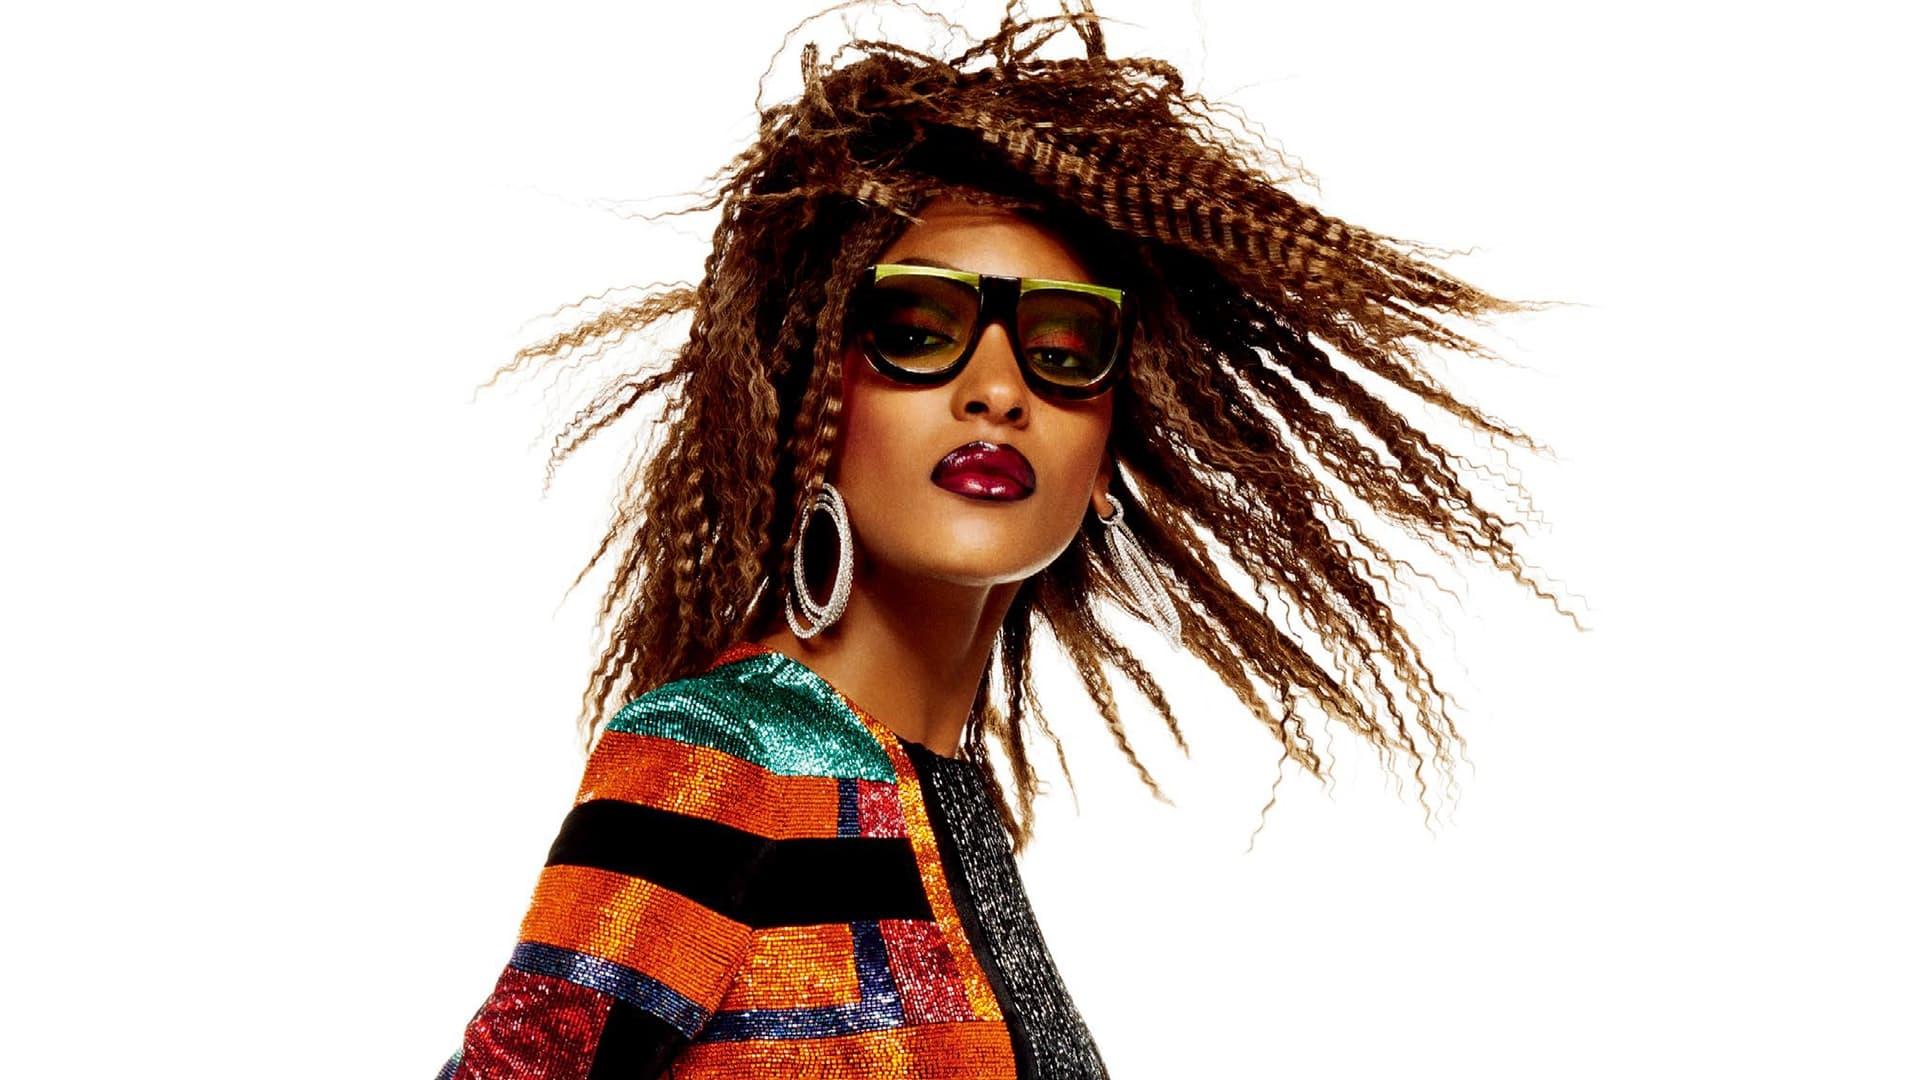 jourdan dunn hairstyle wallpaper 60375